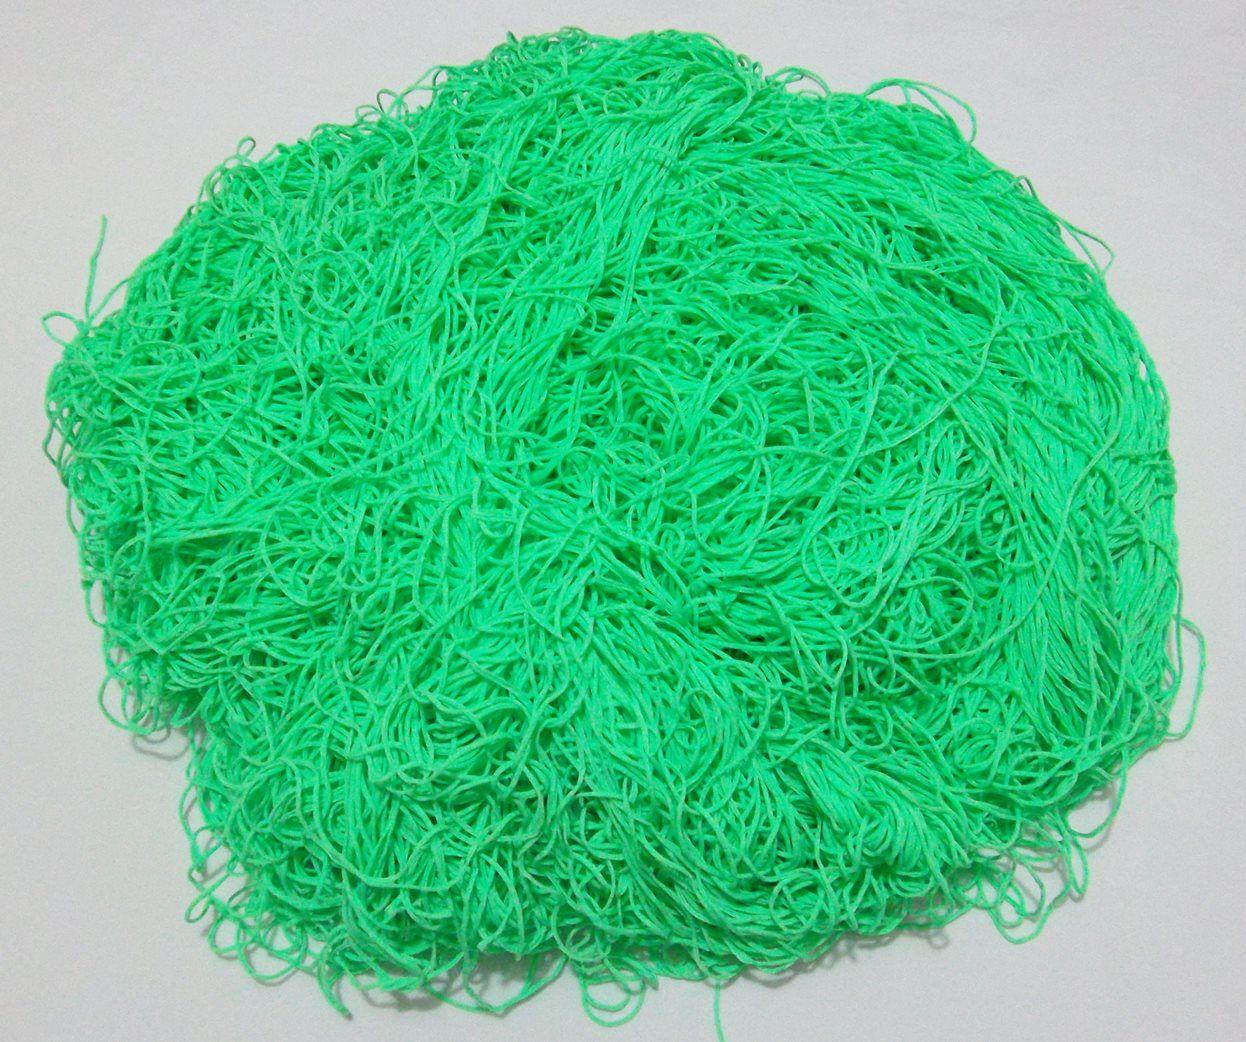 Tira de Macarrão/Espaguete 1kg Verde  - Bastex Artesanatos